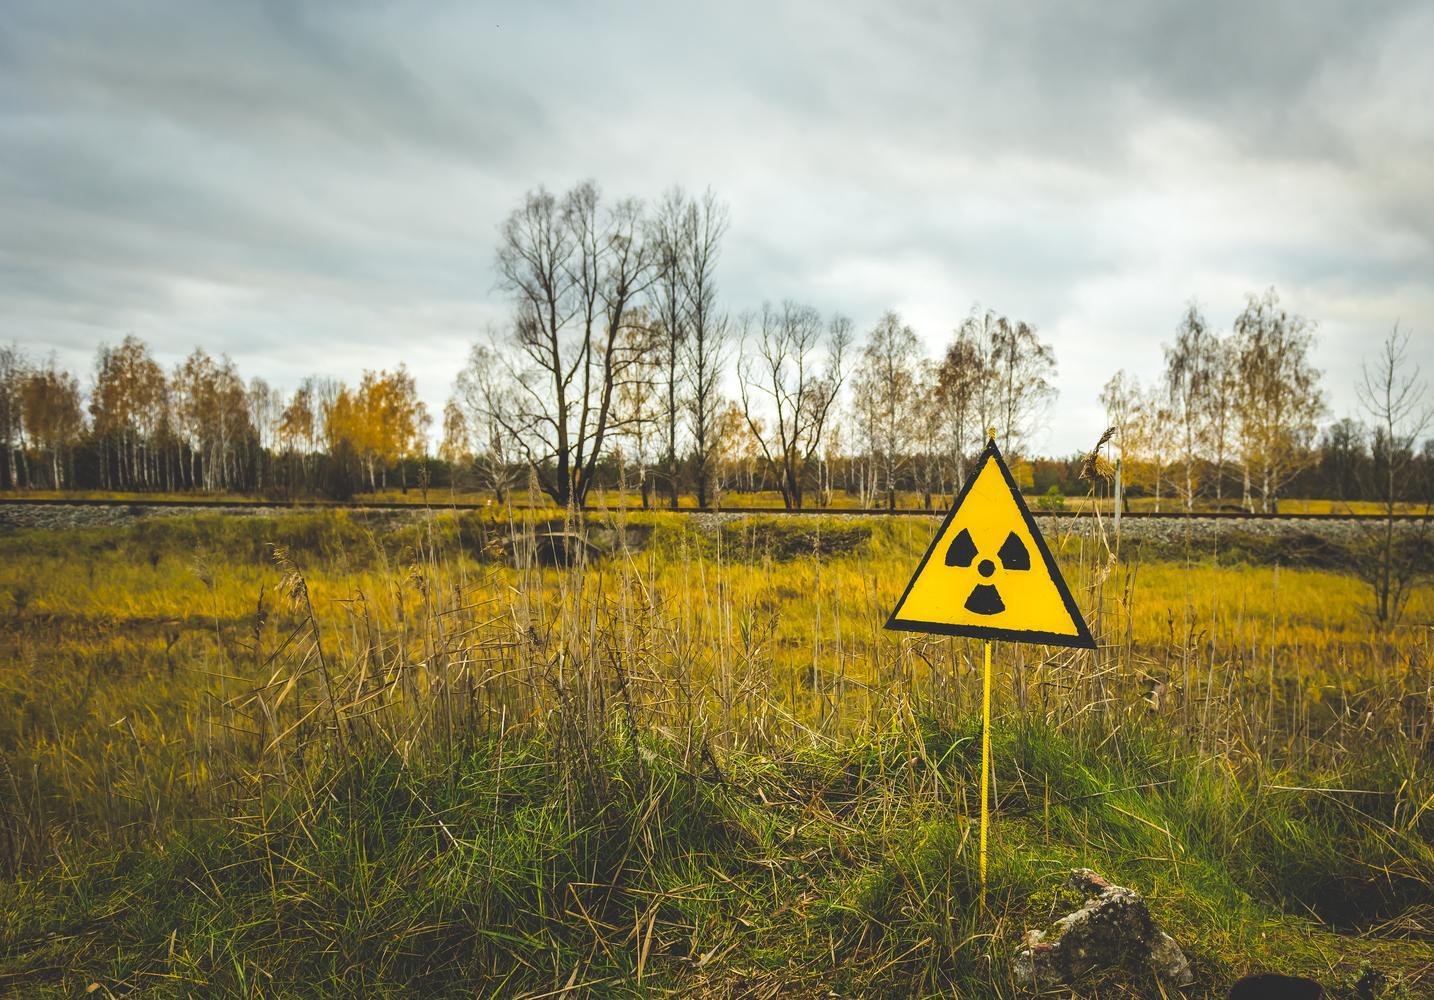 дымковская игрушка знак радиации фото картинка путин посетил увз